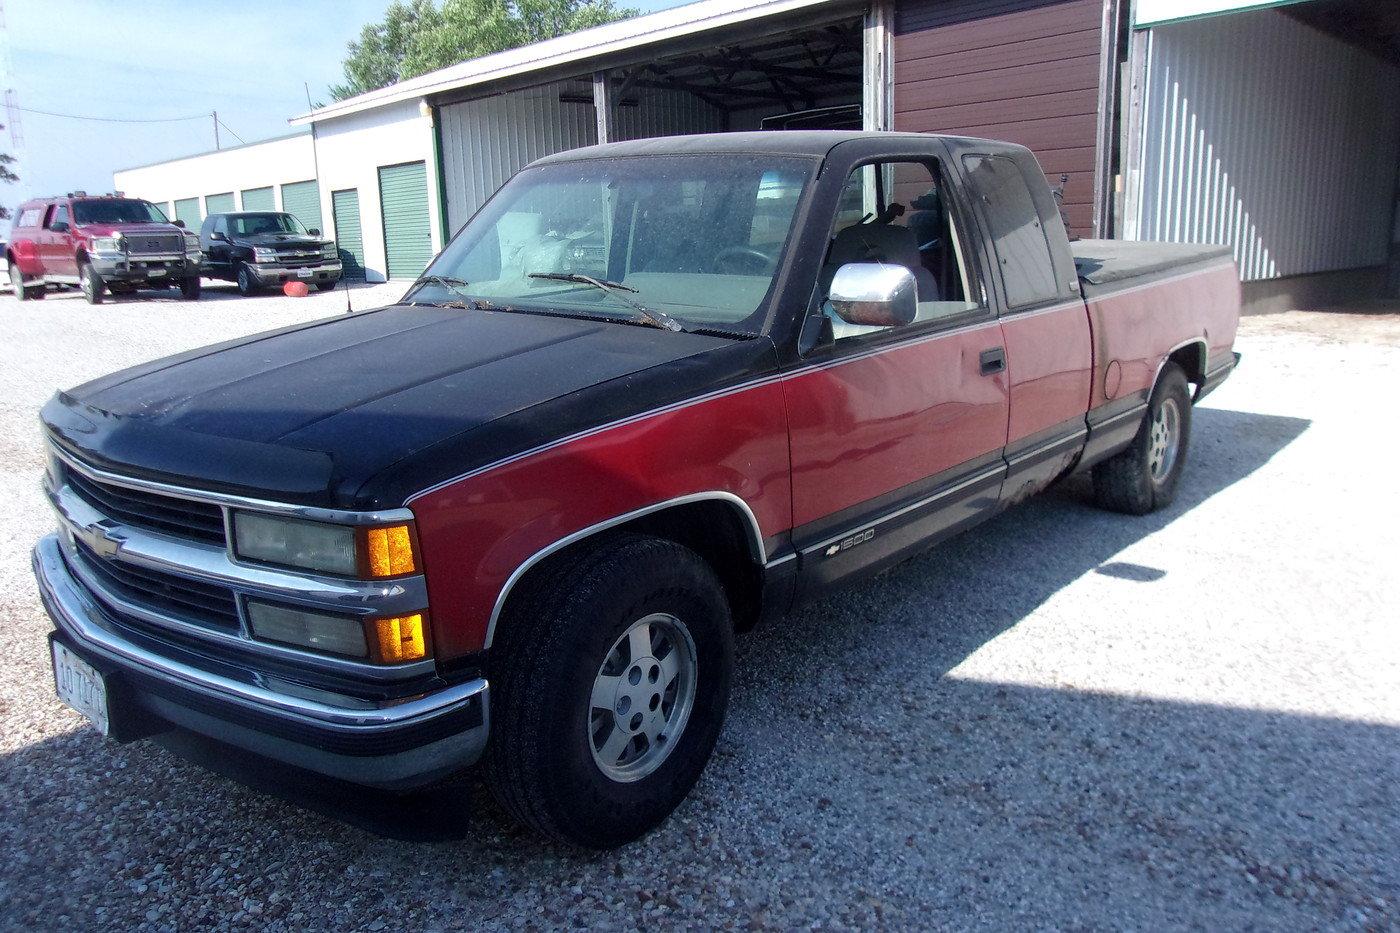 1994 Chevrolet Silverado Pickup $4800 USD For Sale (picture 1 of 6)